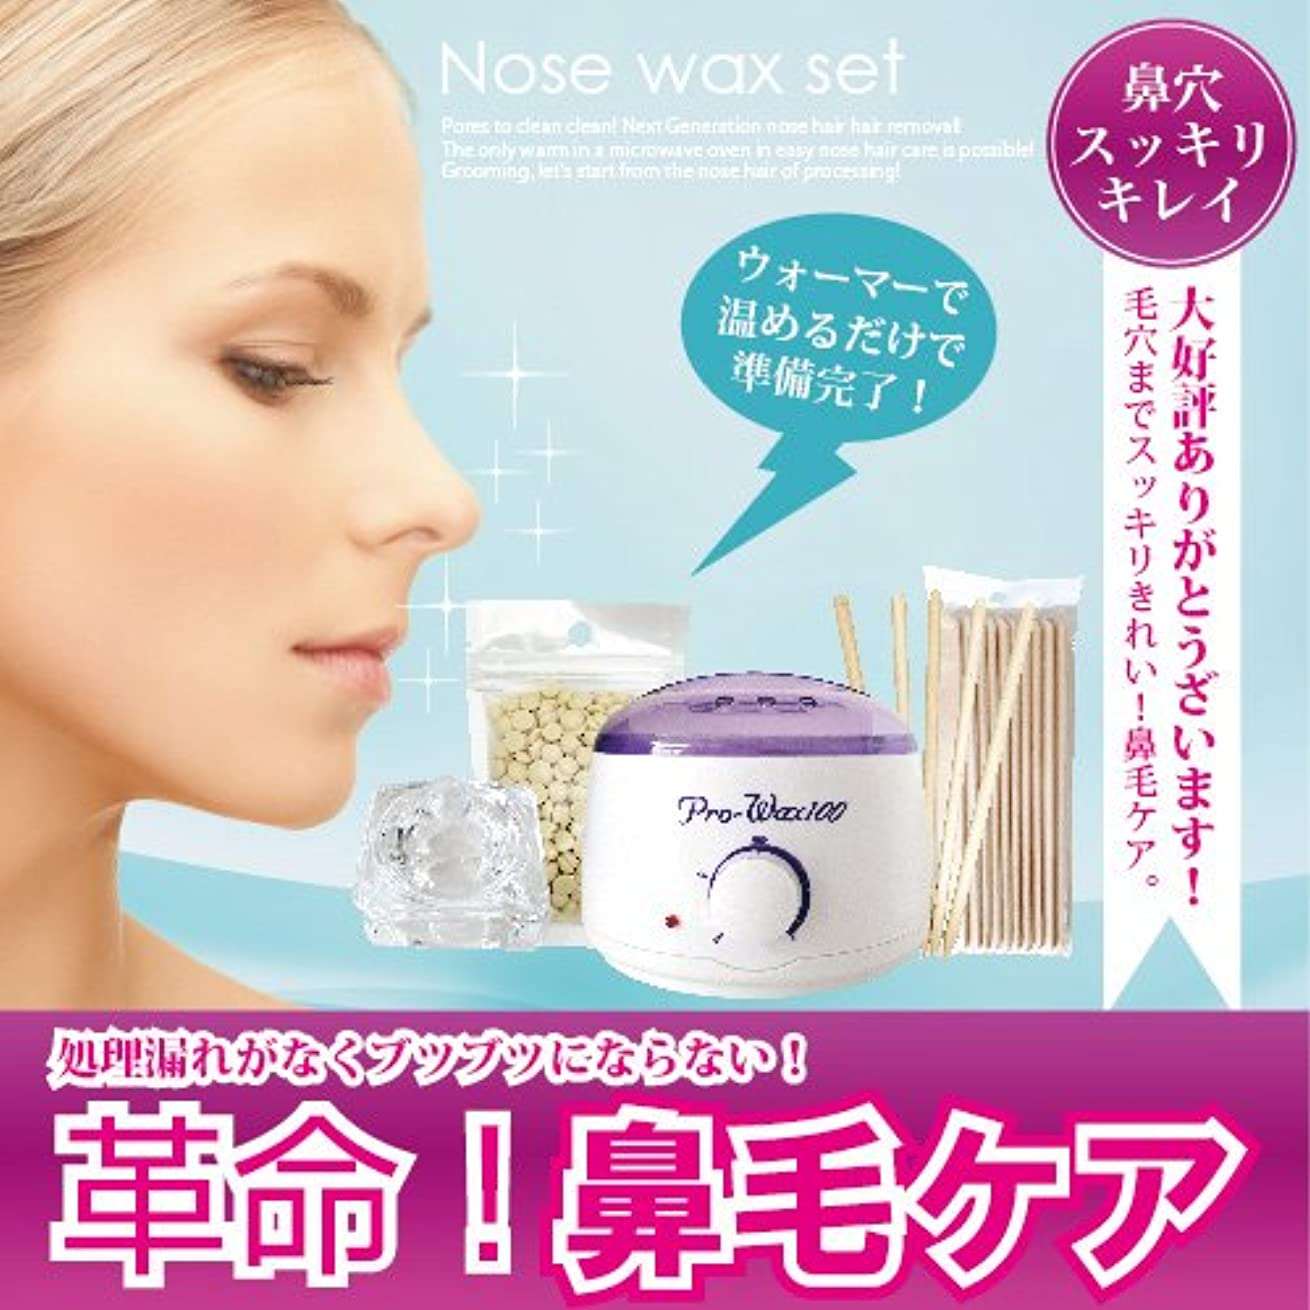 好意保守可能給料ブラジリアンワックス Nose wax setウォーマー付ノーズワックス鼻毛ケアセット(約12回分)